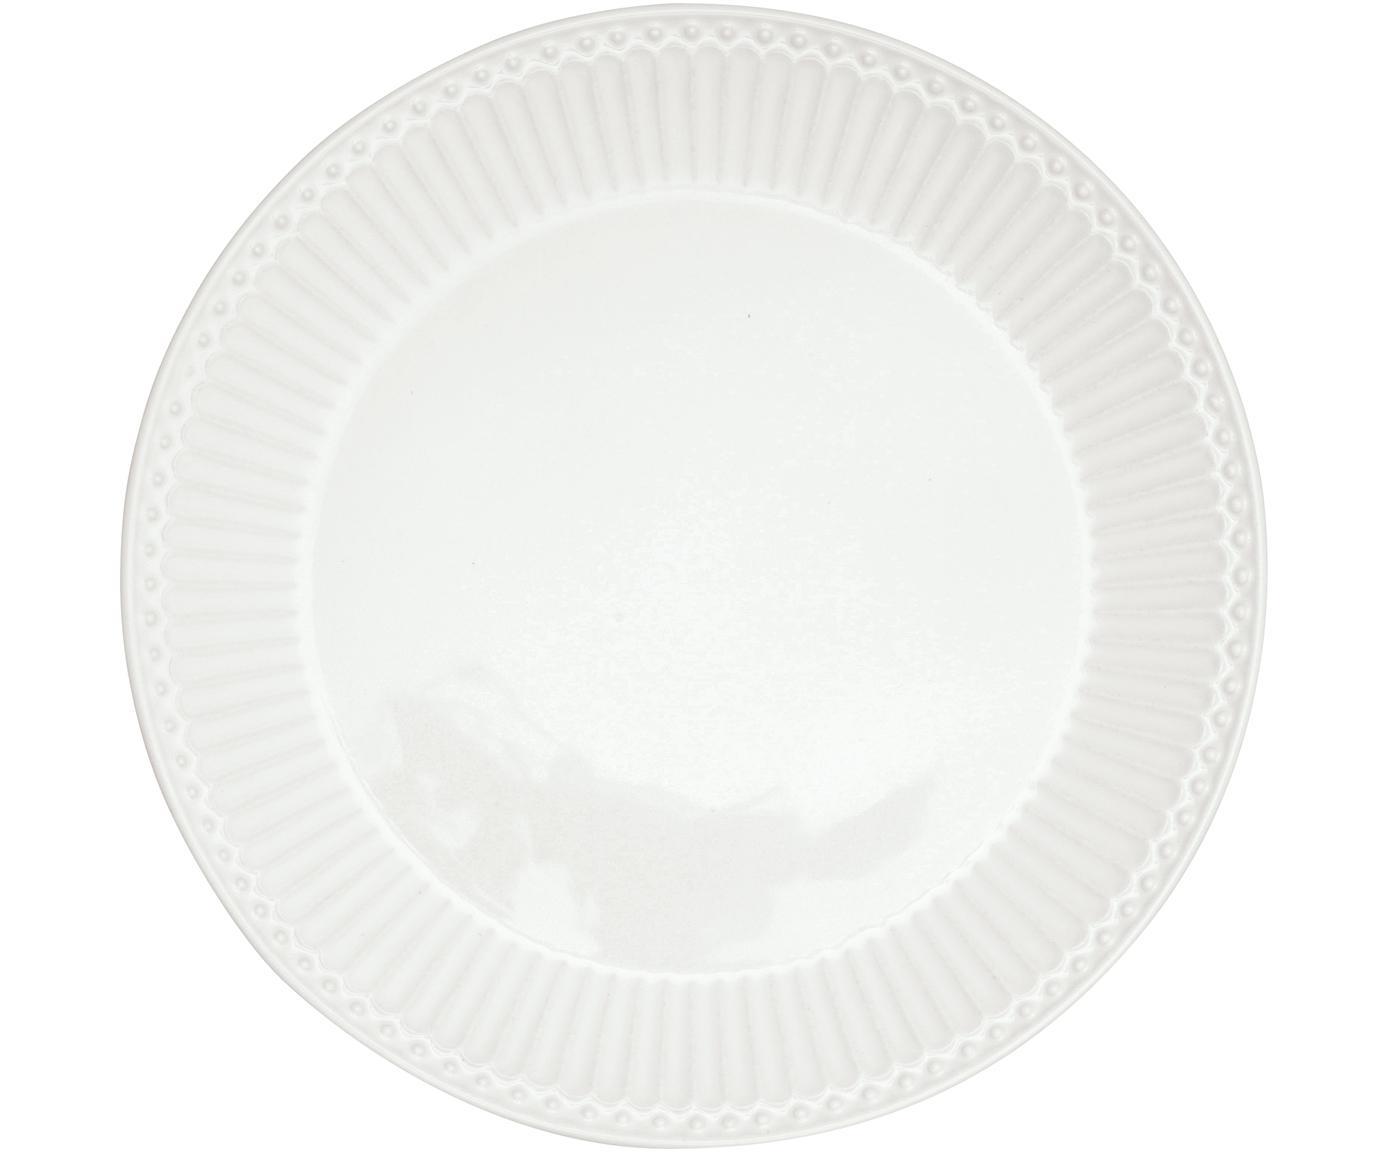 Talerz śniadaniowy Alice, 2 szt., Porcelana, Biały, Ø 23 cm